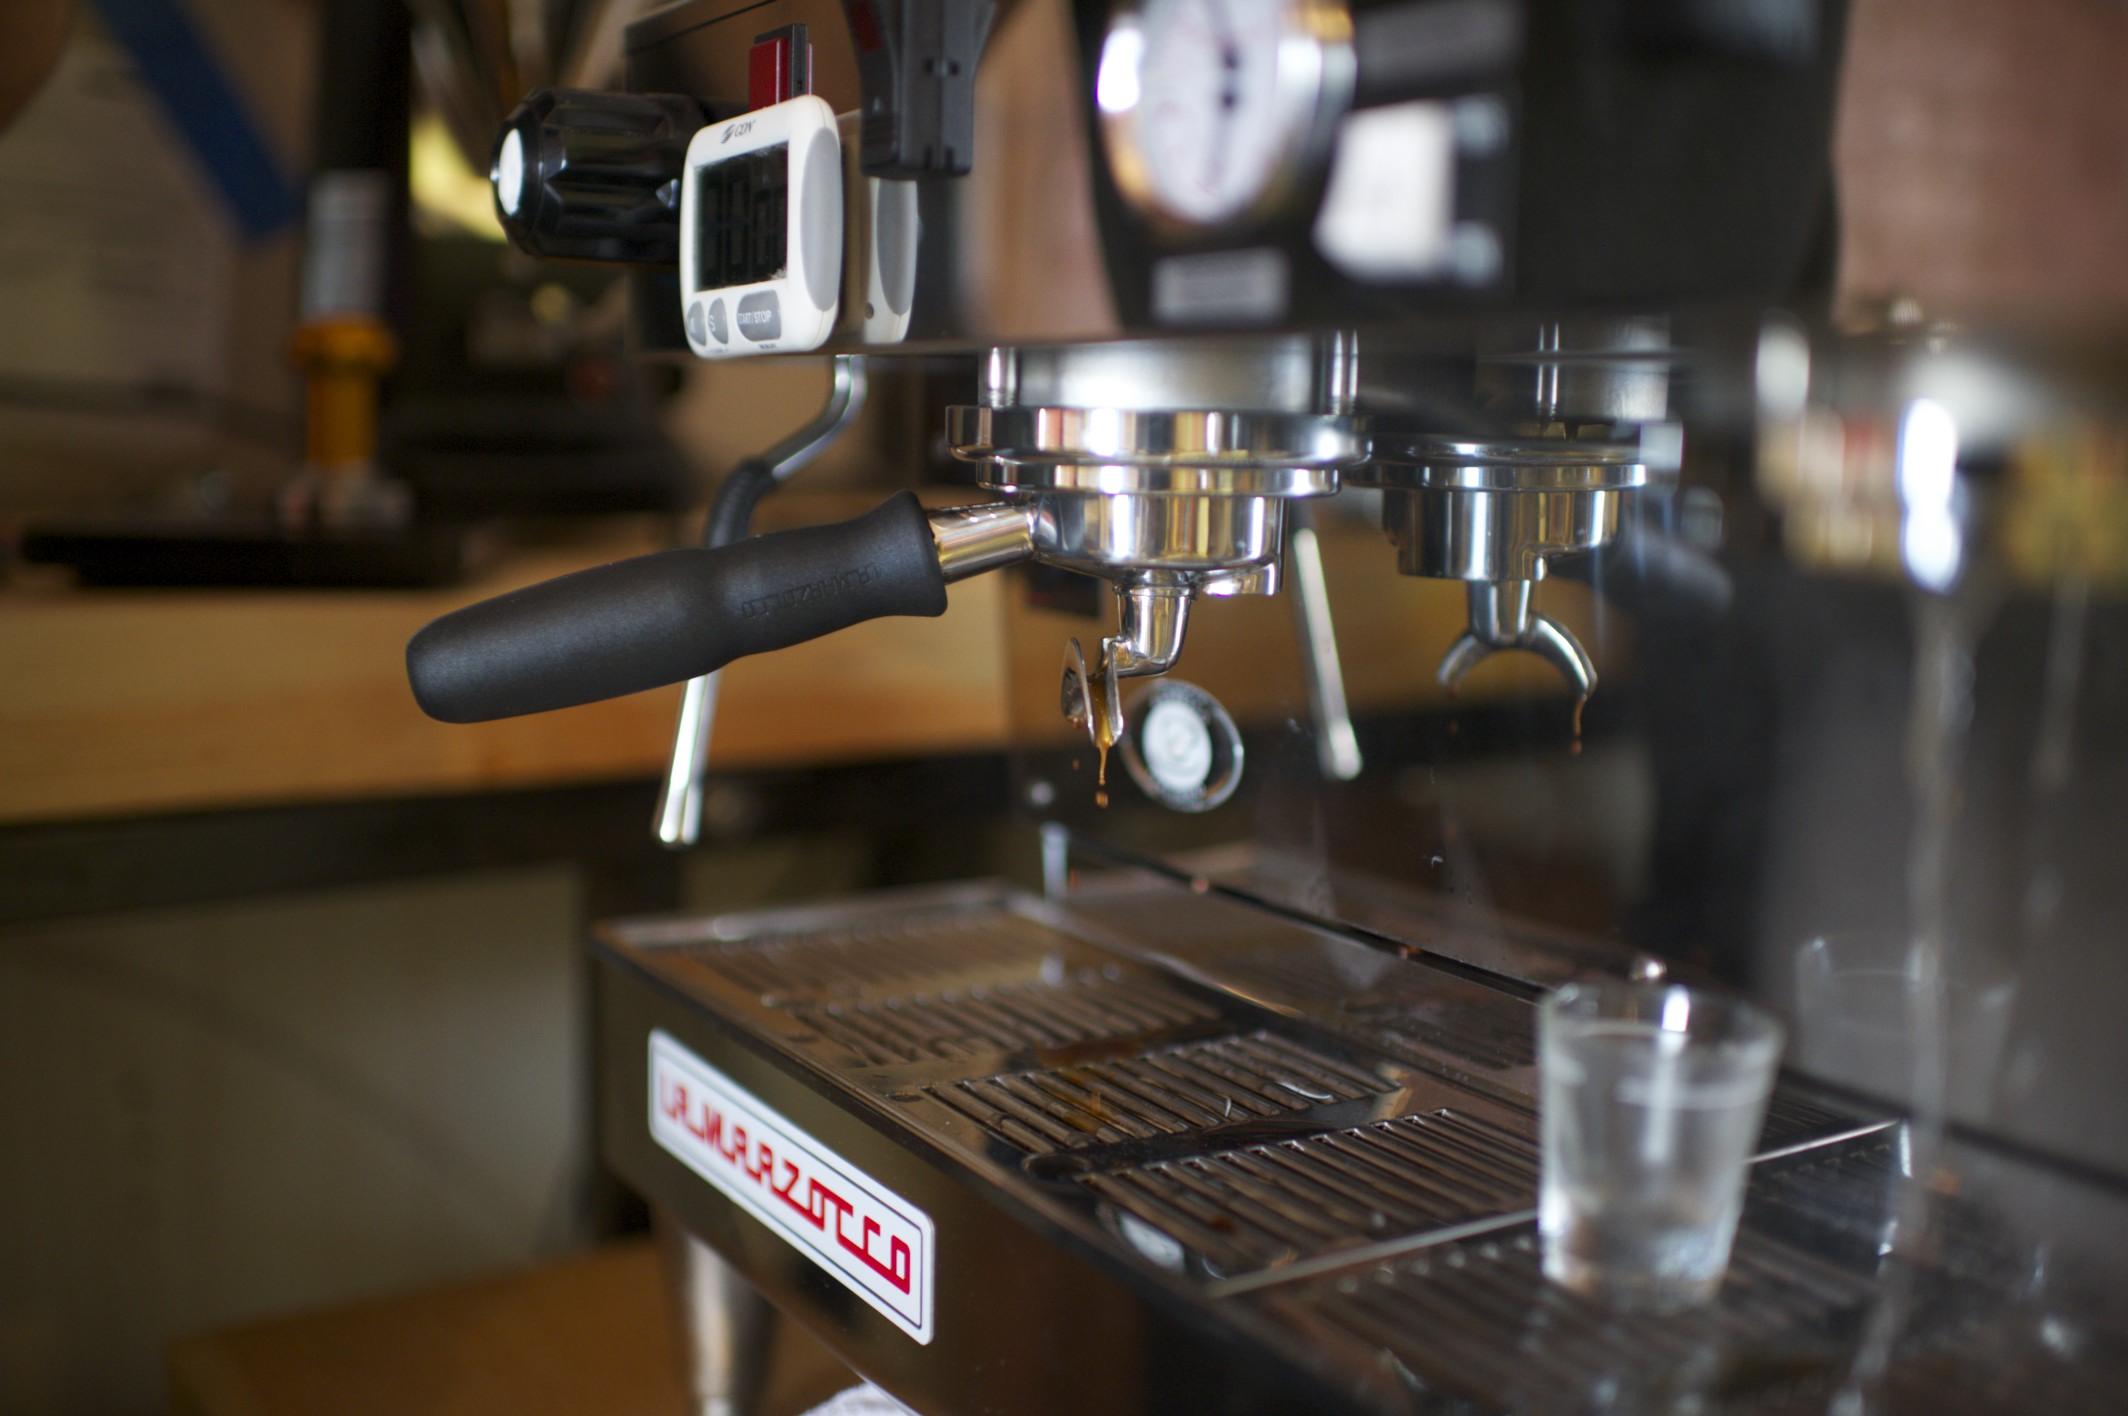 Espresso drip